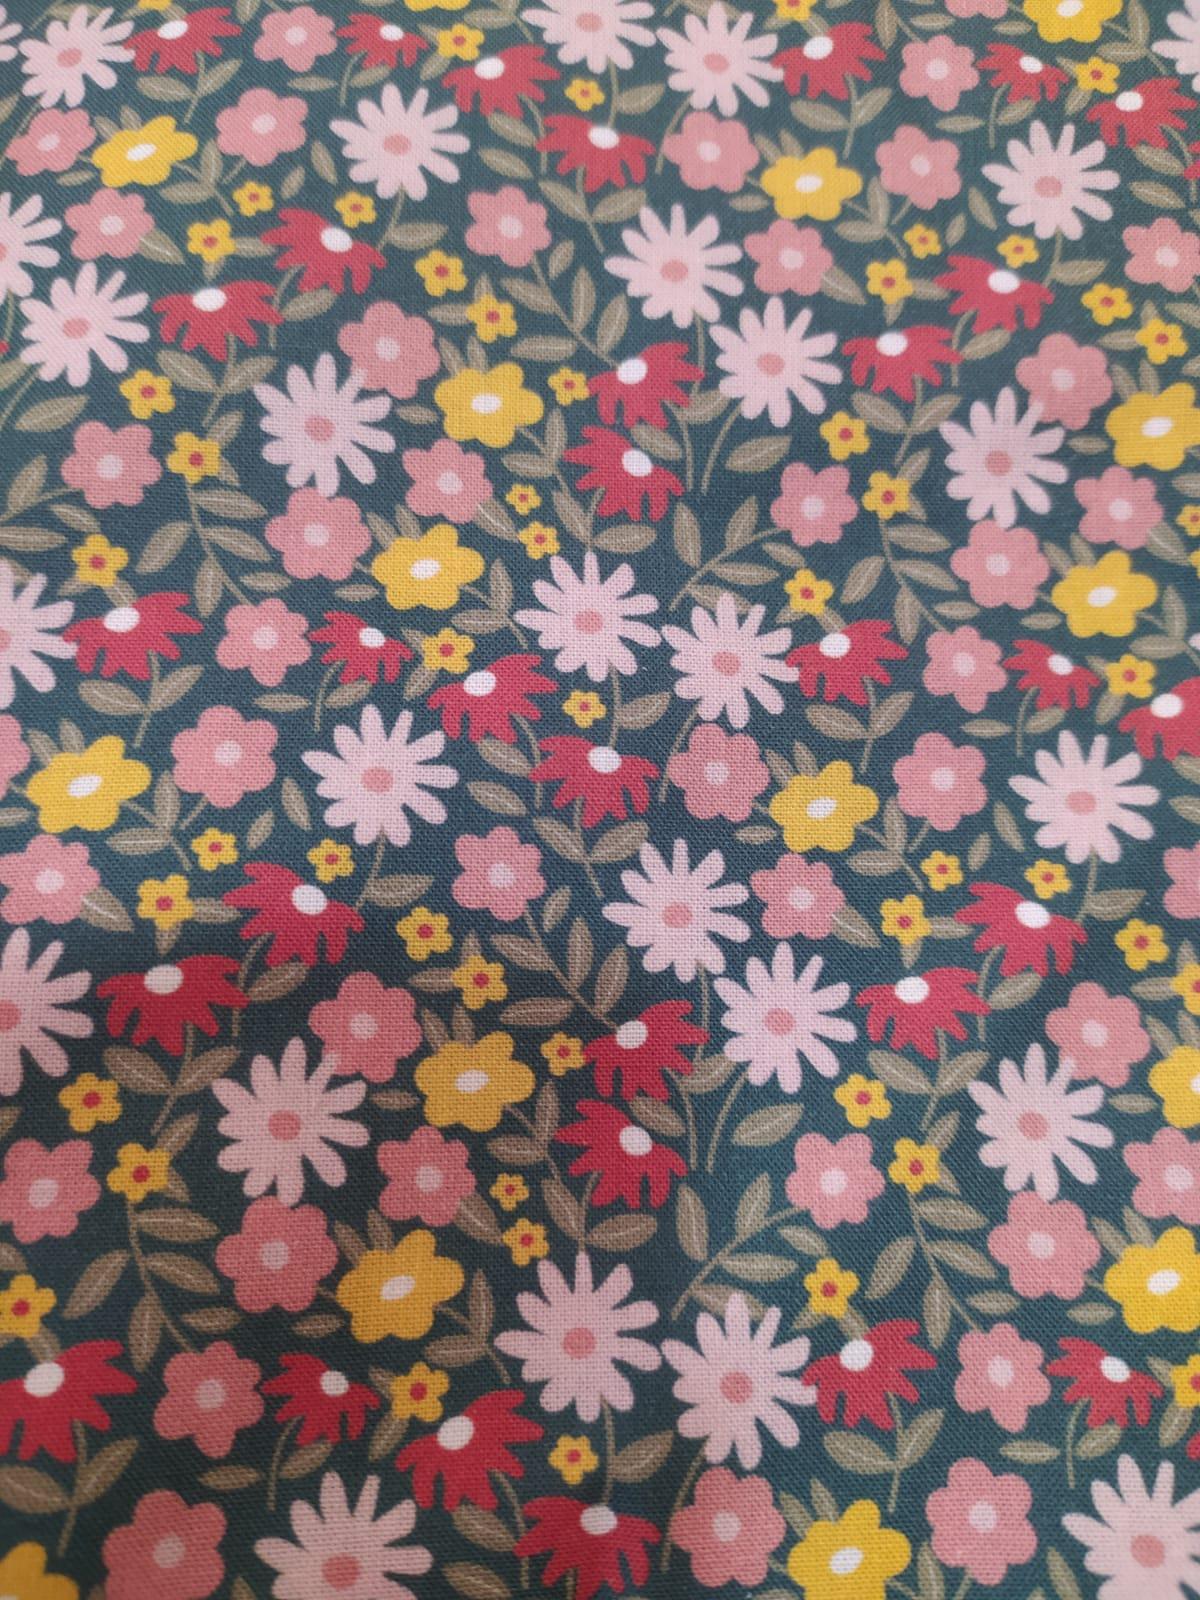 Variado flores rosas